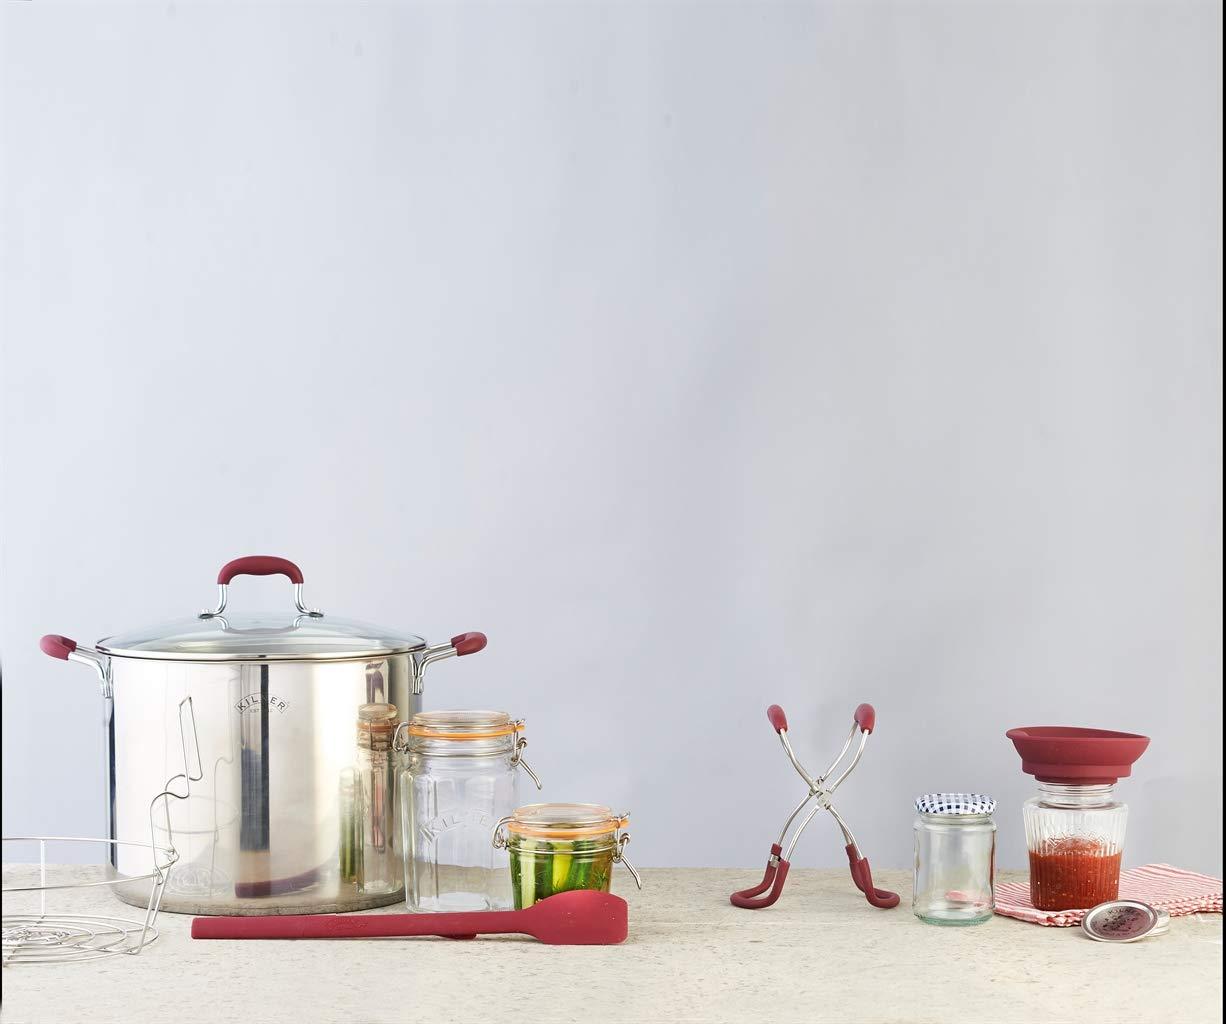 Kilner Stainless Steel Canning Rack by Kilner